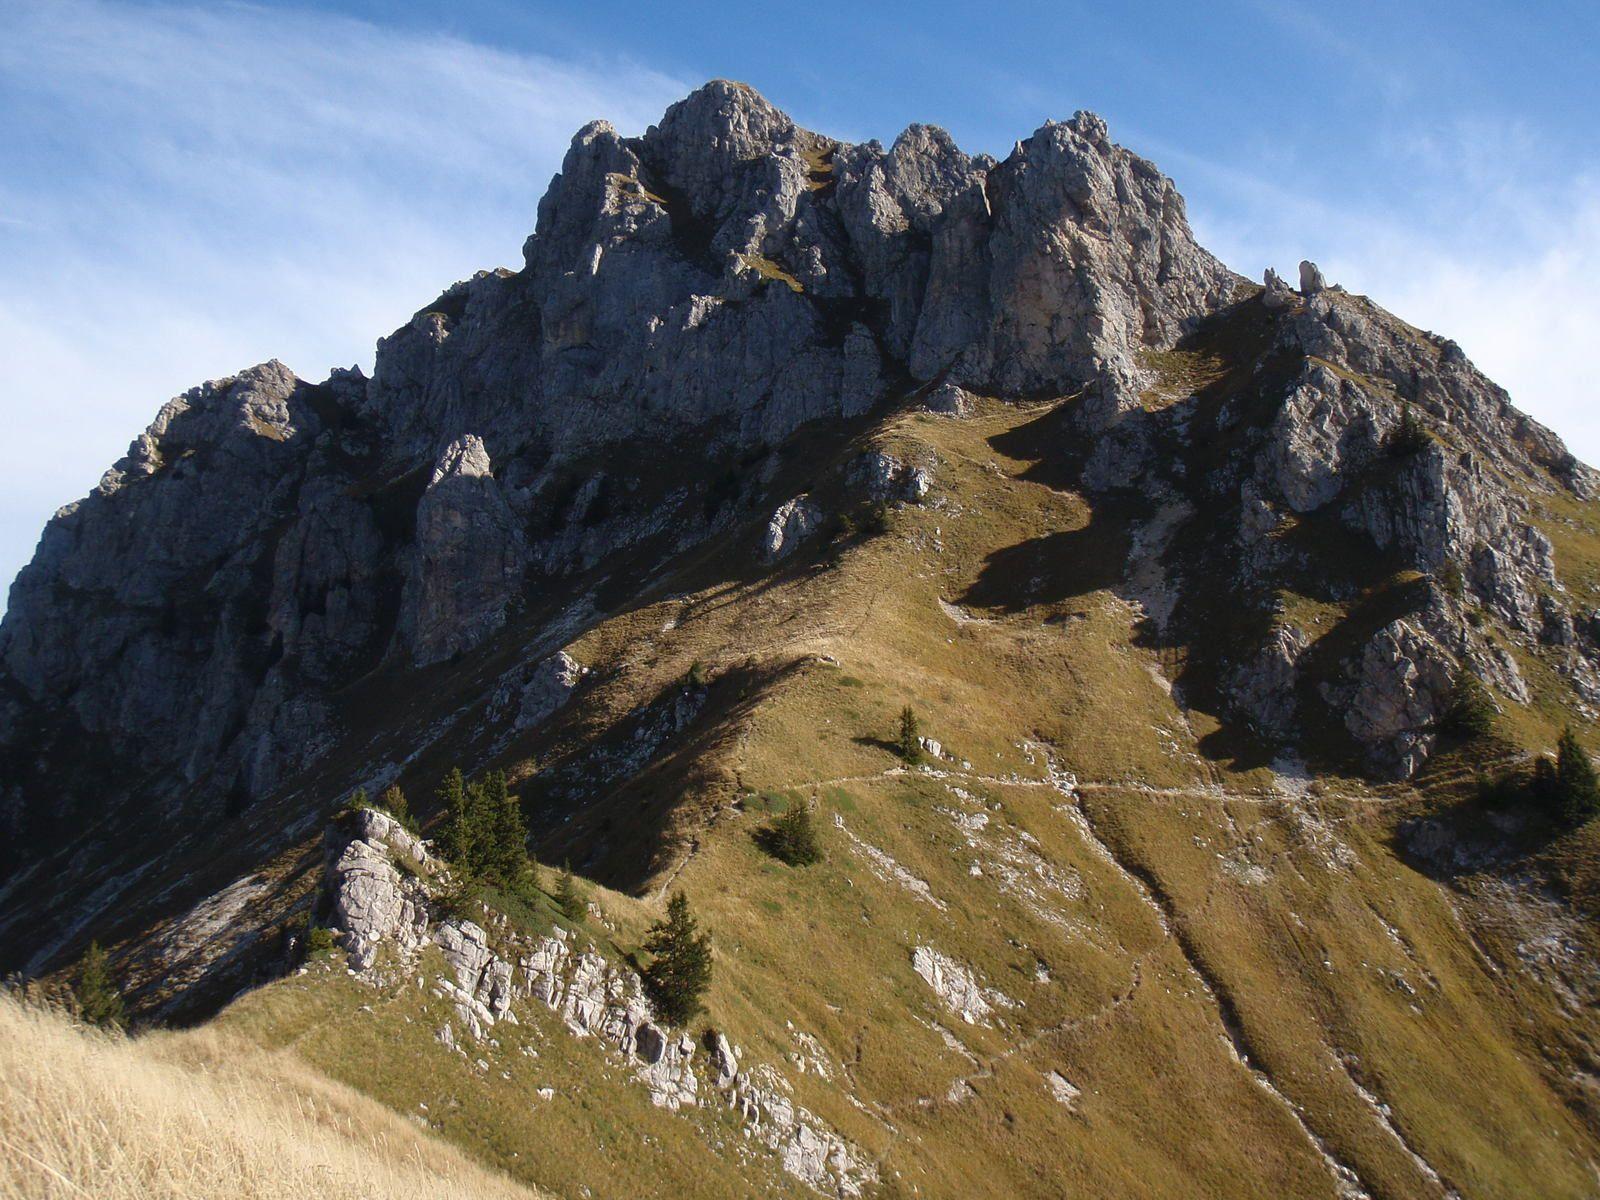 Roc d'Enfer: Enchaînement des 4 sommets par les arêtes (1/2)